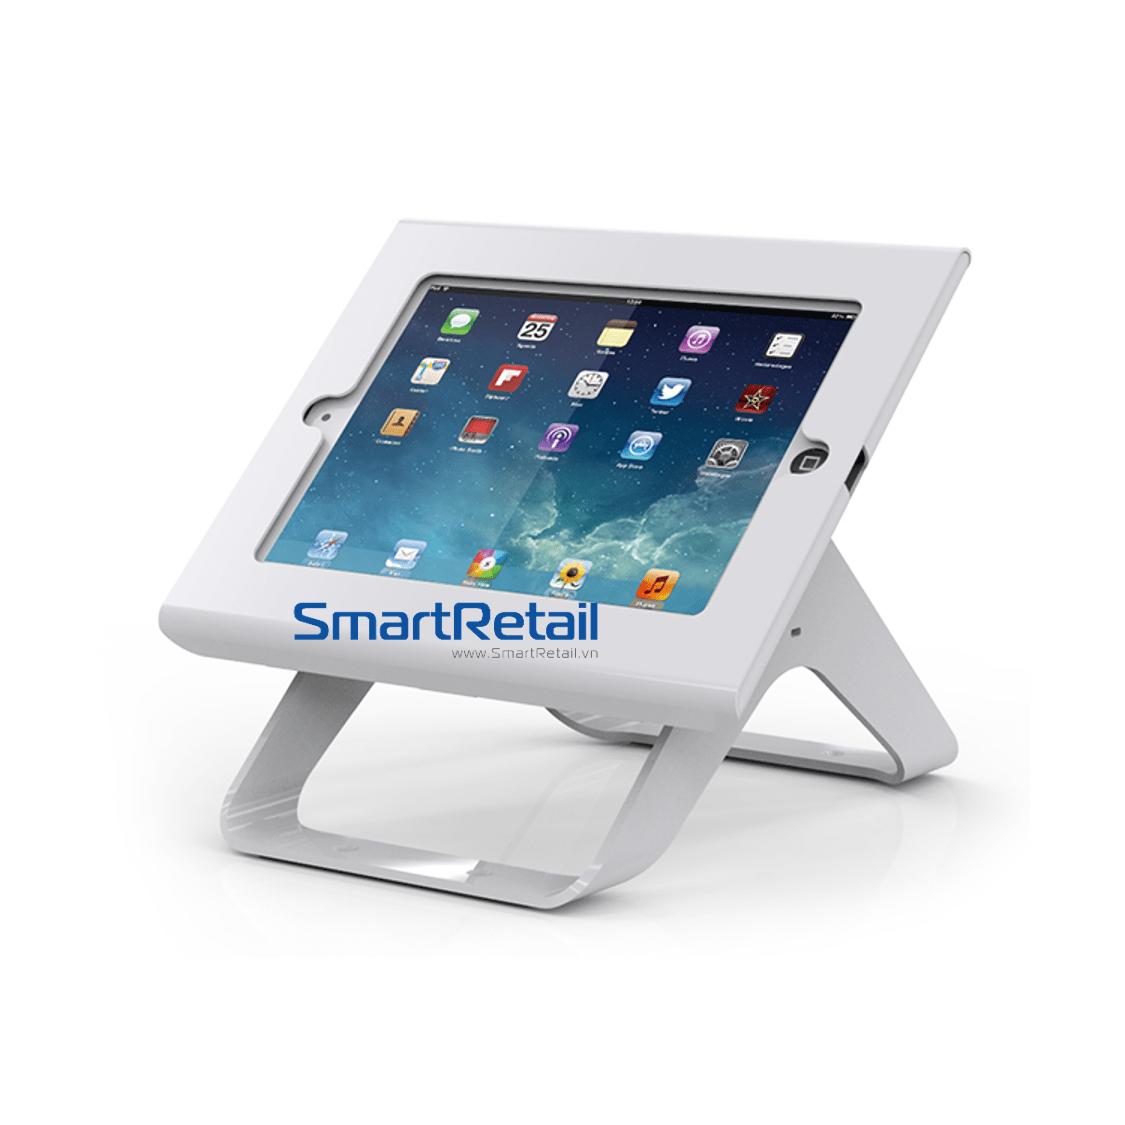 SmartRetail Thiet bi bao ve Tablet SC301 3